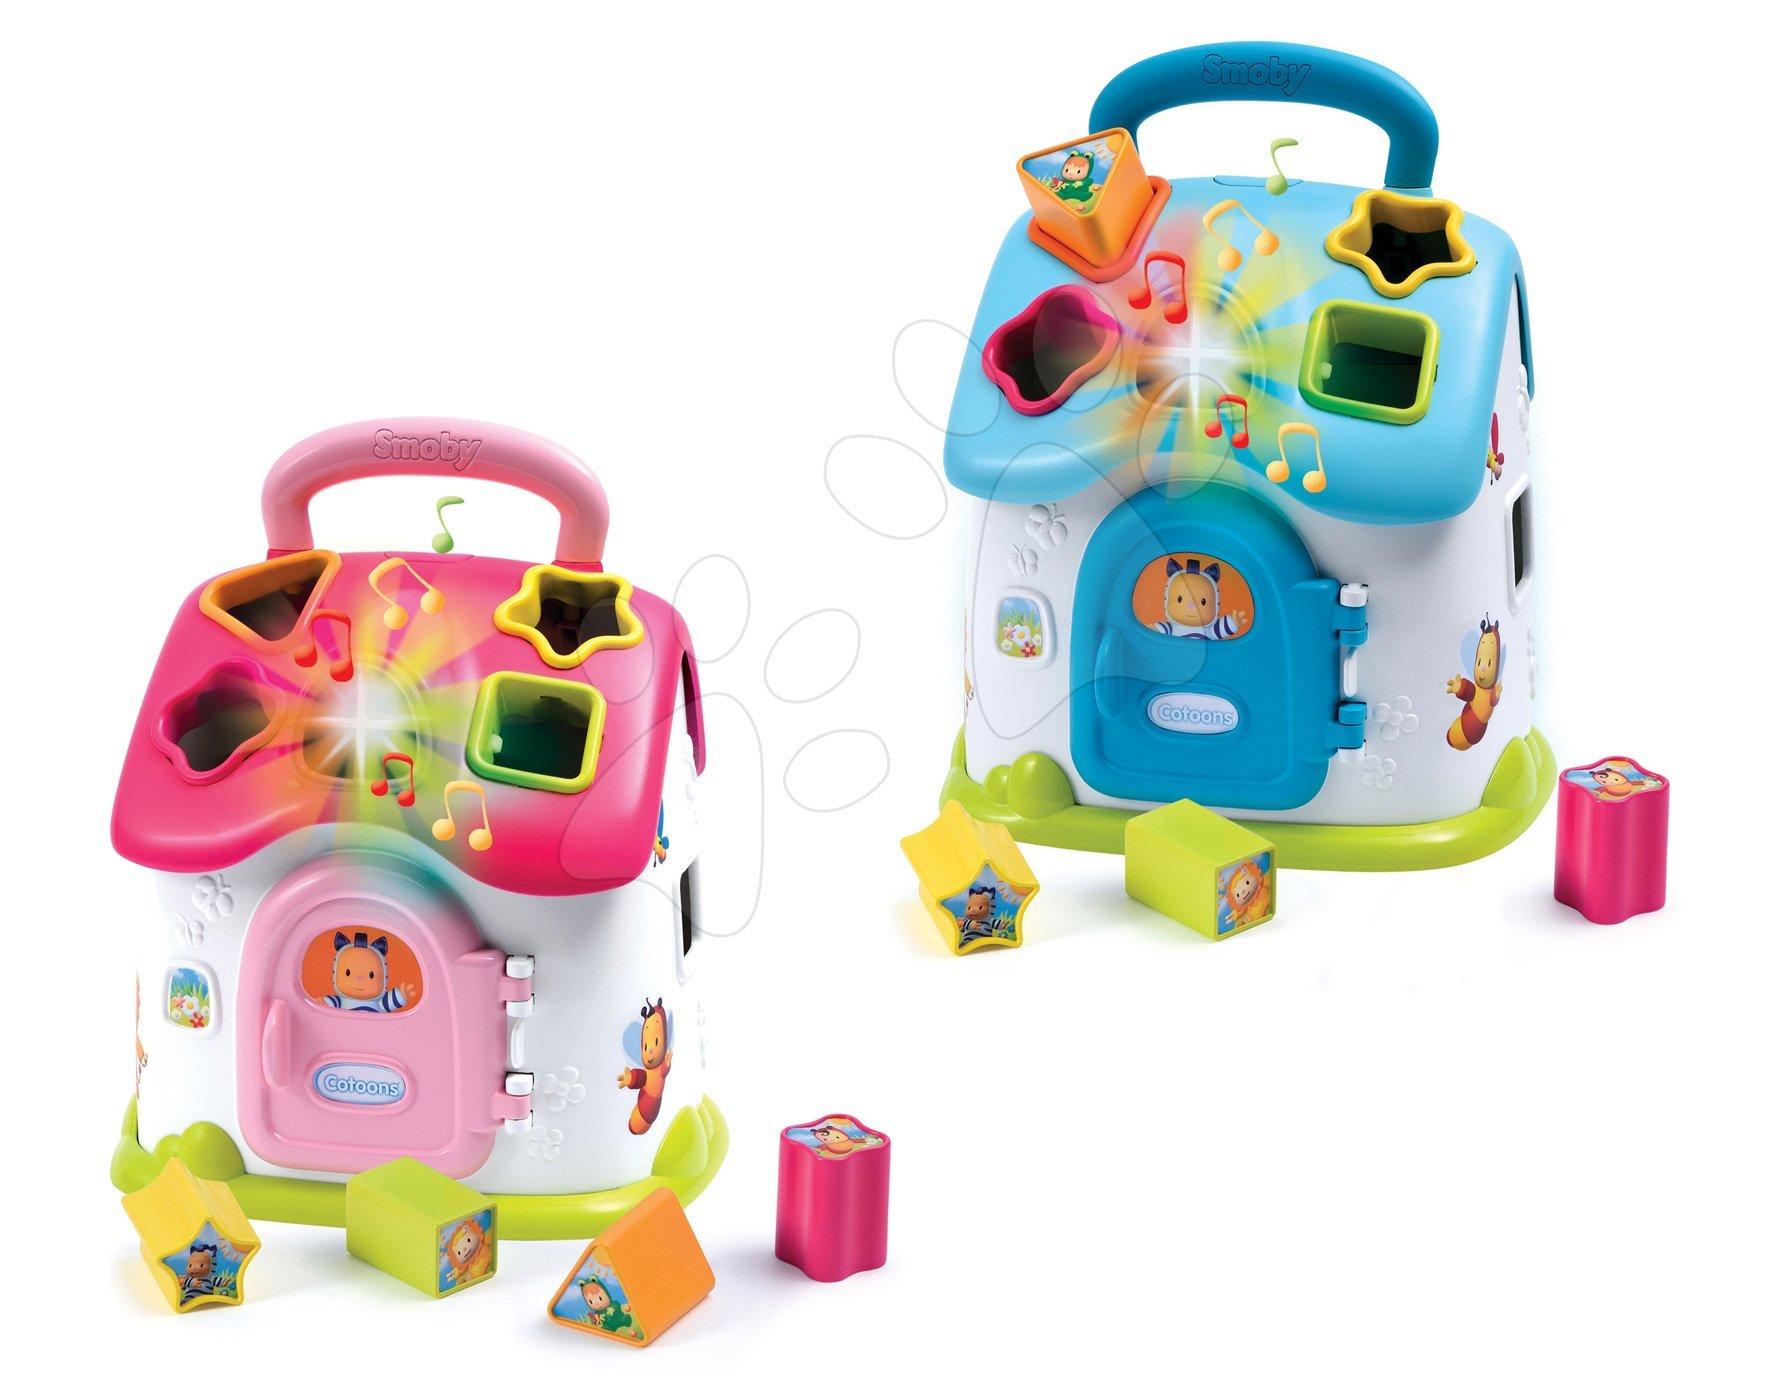 Didaktična hišica Cotoons Smoby z oblikami in lučkami ter zvoki modra/rožnata od 12 mes